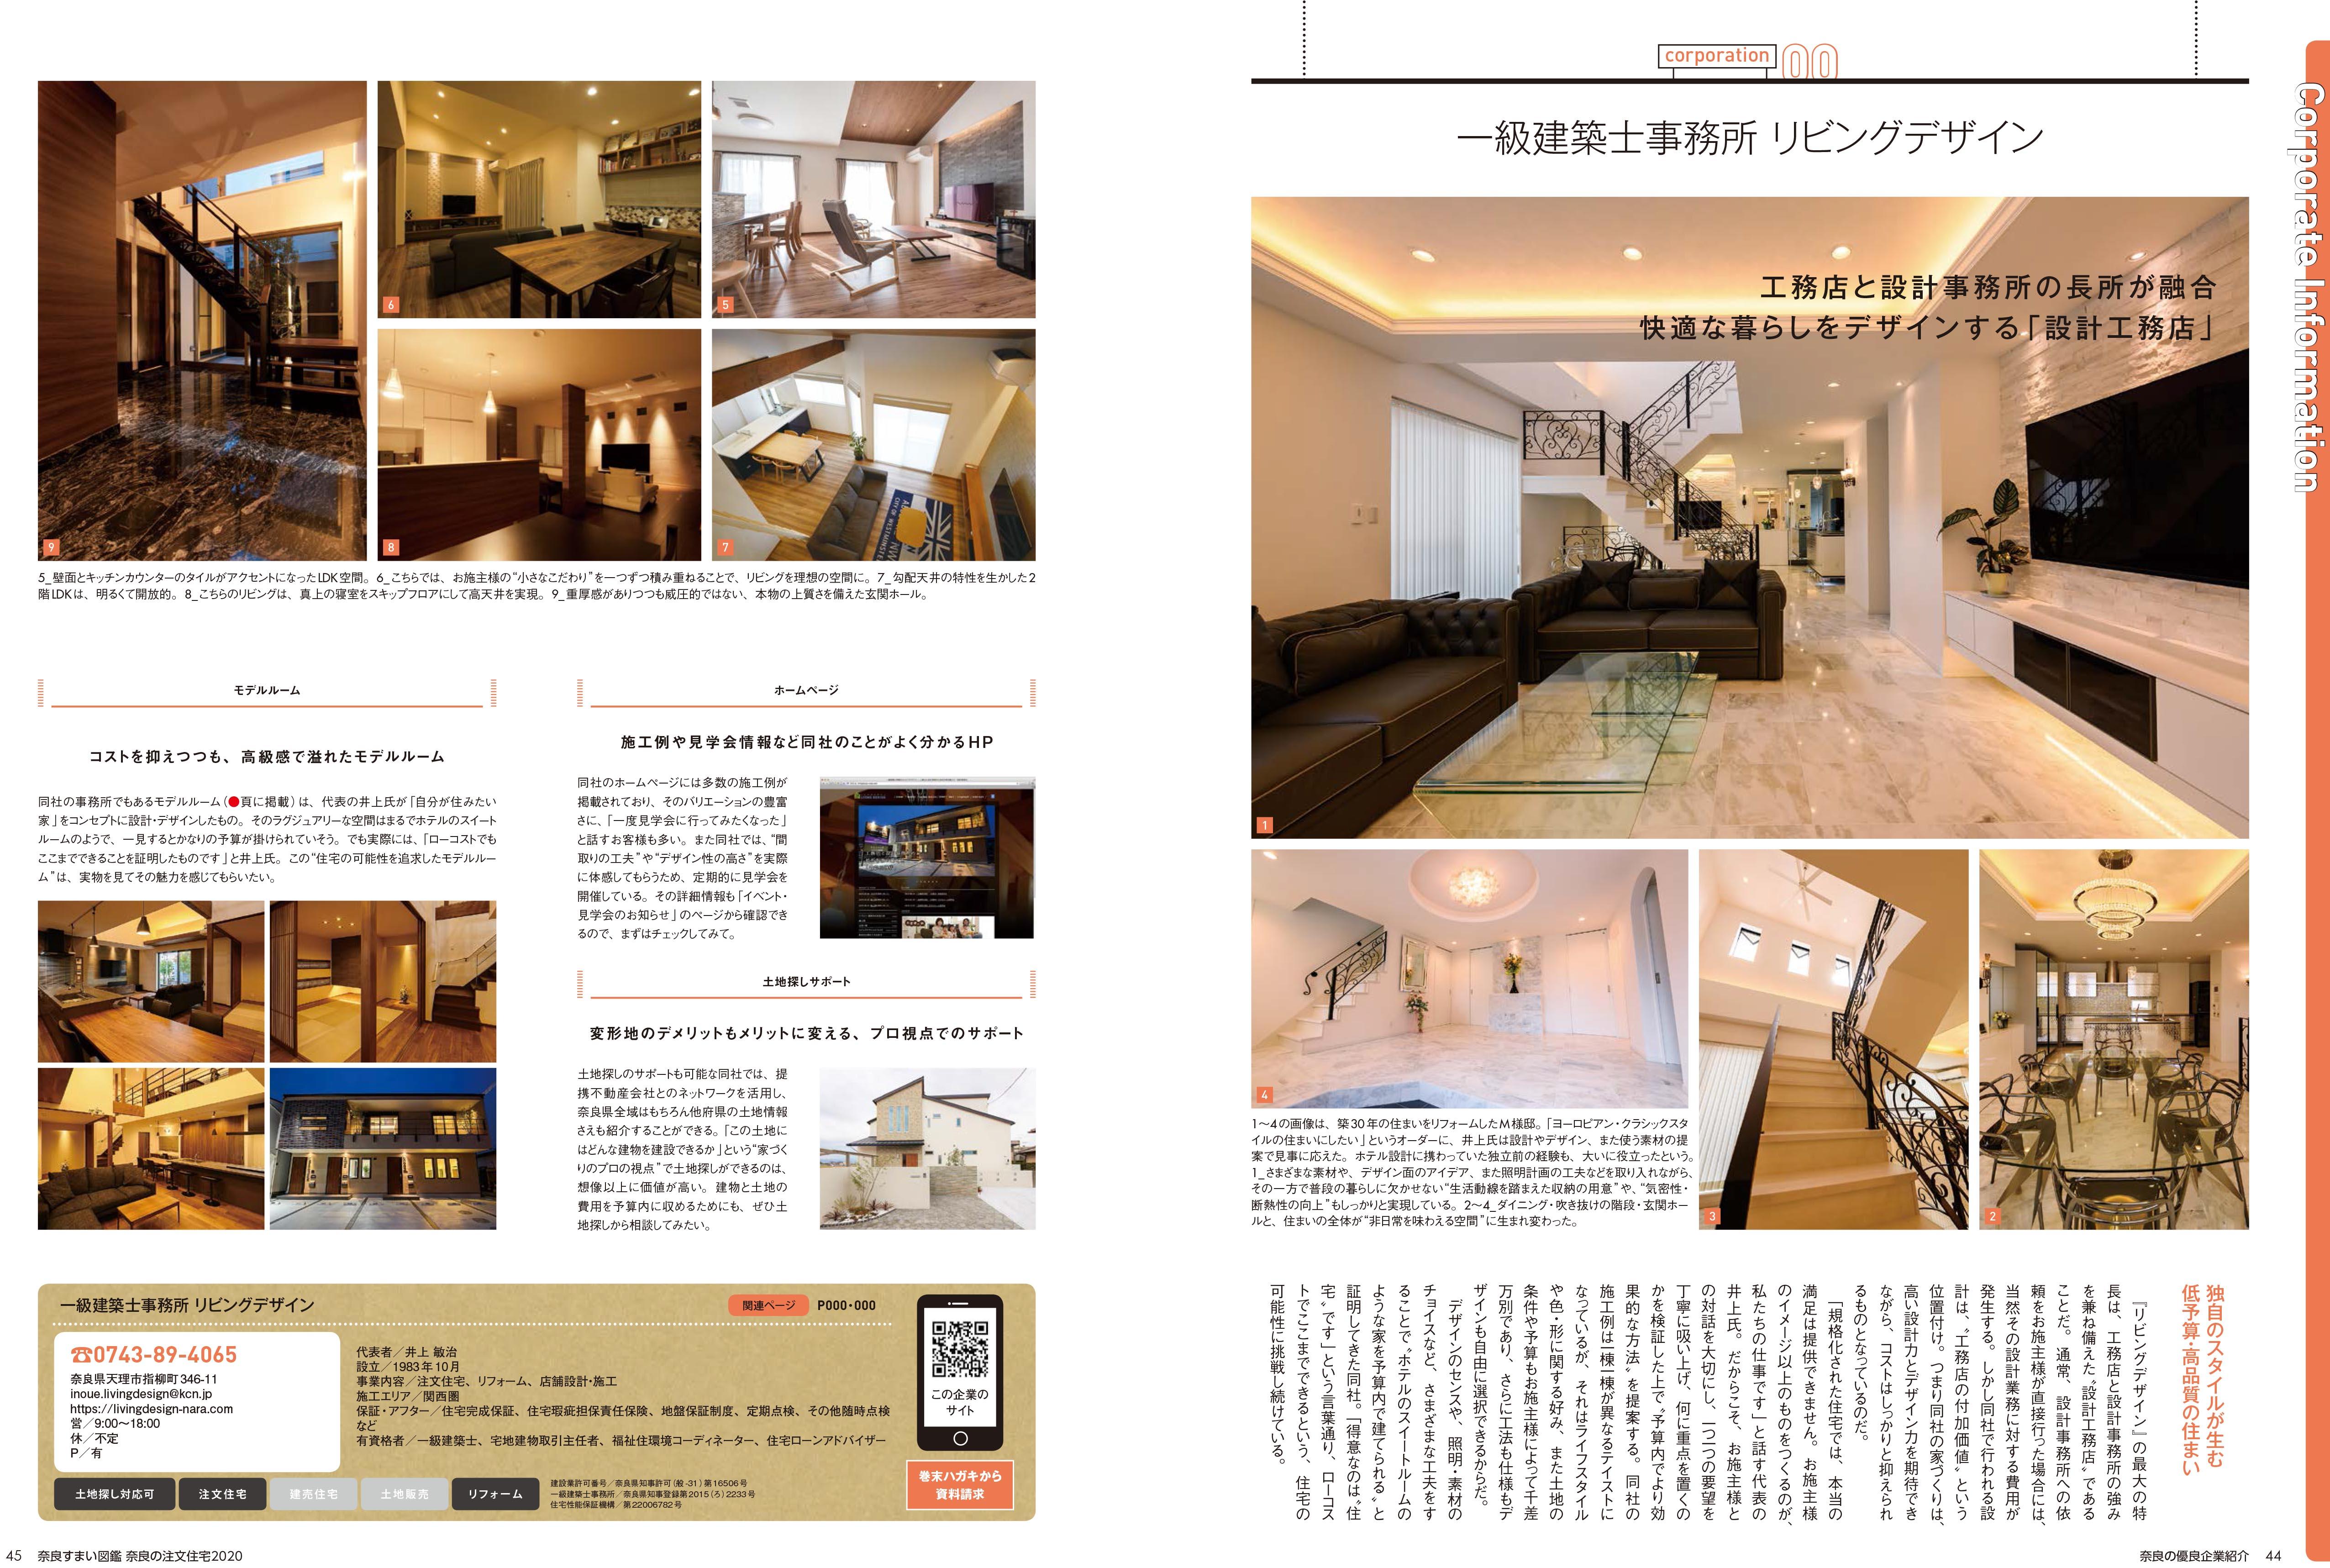 リビングデザイン様_企業紹介1116